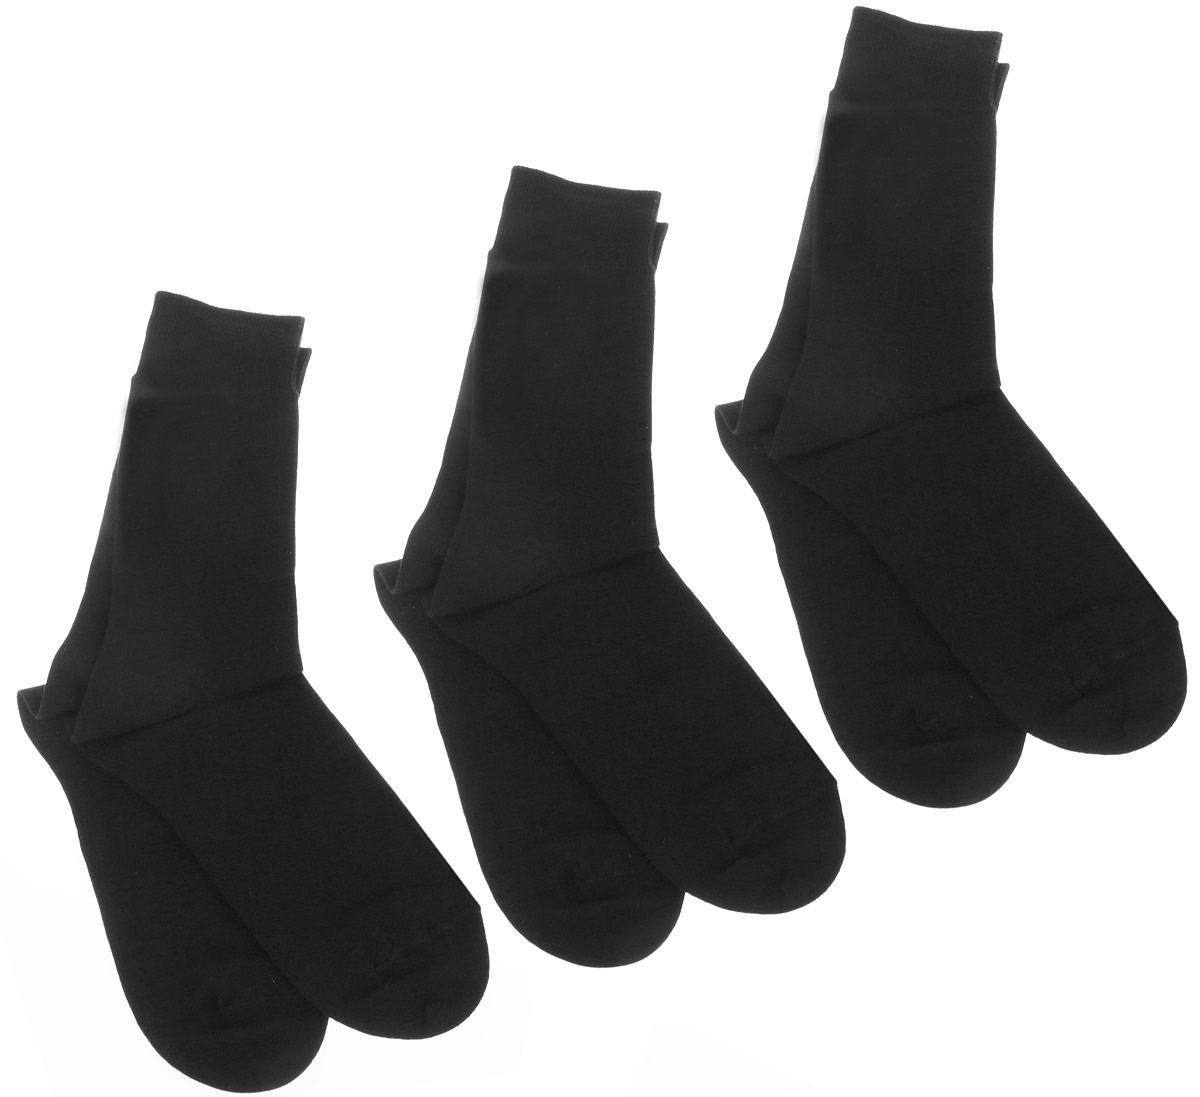 НоскиН416Противогрибковые носки ГИГИЕНА-ГРИБОК в ПУ (подарочной упаковке) послужат прекрасным атрибутом одежды Вашего мужчины. Эти носочки сделаны из высококачественной пряжи, с дополнительной обработке швейцарским препаратом Санитайзед Т 99-19. Благодаря ему, носки ГИГИЕНА-ГРИБОК надежно защитят ногти, пальцы и ступни ног от грибковых и гнойничковых заболеваний. Носки уменьшат неприятный запах пота. Препаратом Санитайзед Т 99-19 разработан в Швейцарии, не вызывает раздражения кожи. Данный противогрибковый препарат, которым пропитаны текстильные волокна, выделяется из ткани, пока Вы носите носки, благодаря чему обеспечивается надёжная защита от болезнетворных микроорганизмов в течение длительного времени. Противогрибковые носки сохраняют антимикробную активность до десяти стирок. Но даже после этого, в вашем гардеробе останутся обычные носочки, которые послужат вам не один месяц. Данные носки стали ДИПЛОМАНТОМ всероссийского конкурса 100 лучших товаров России. ...